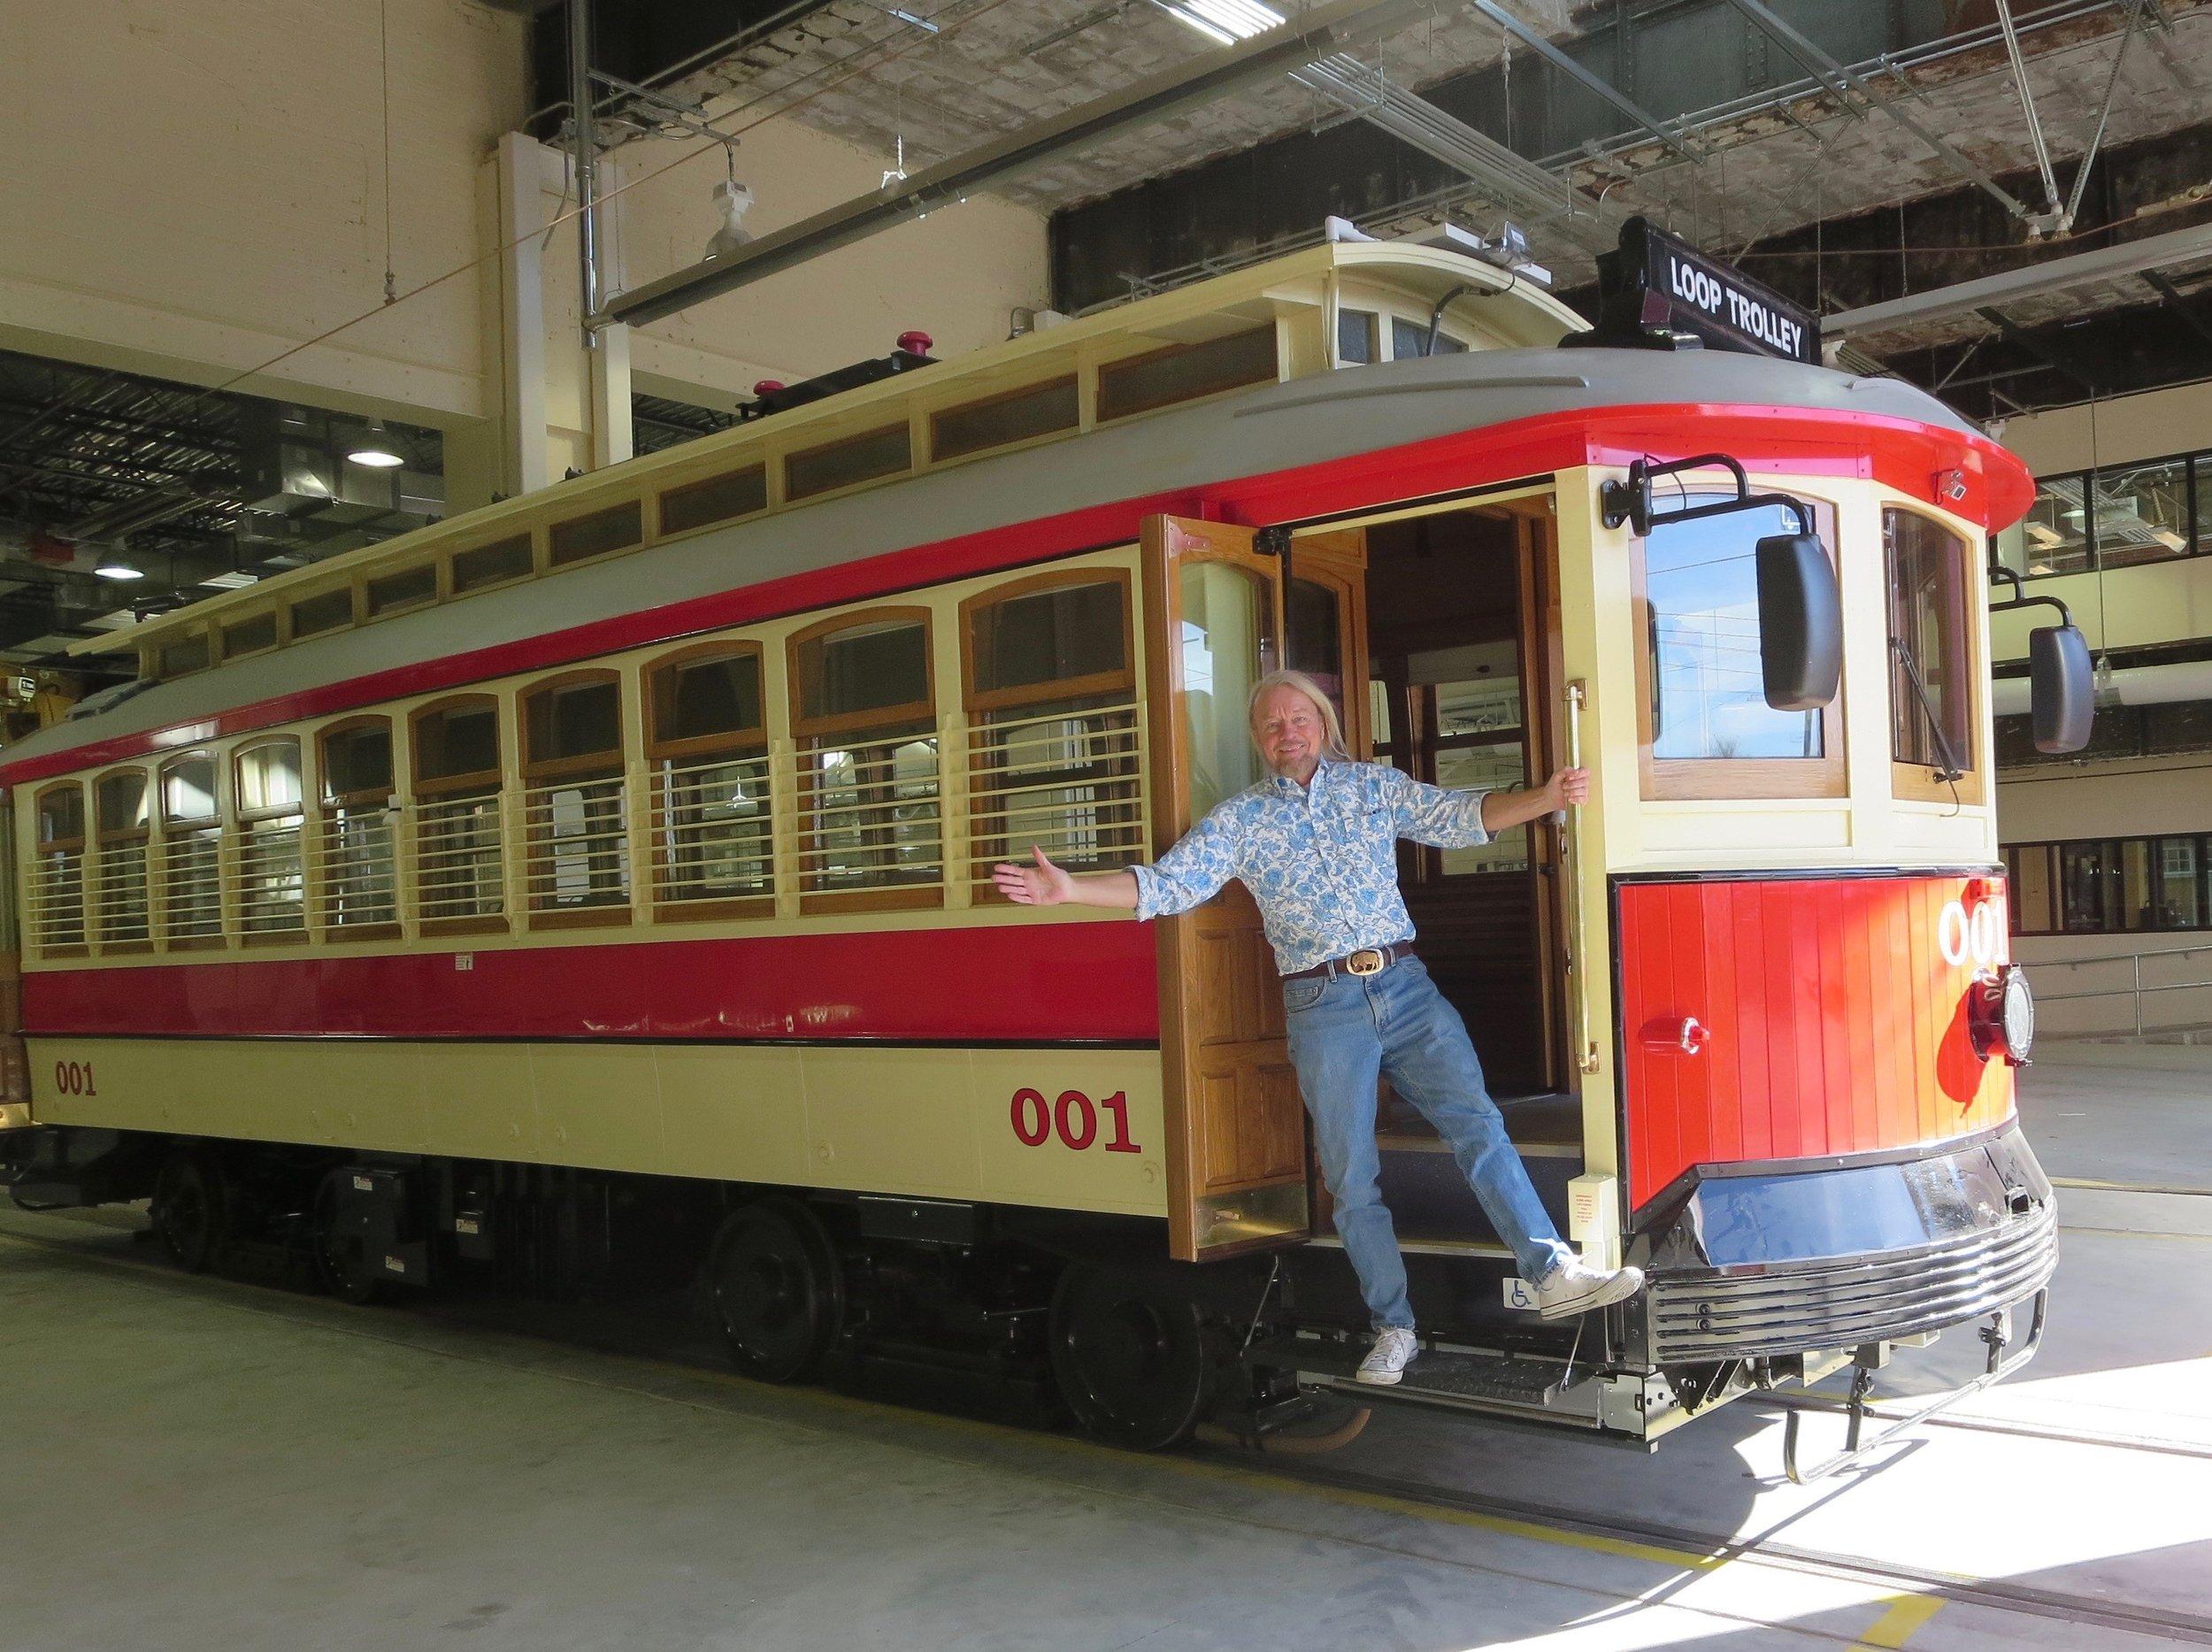 Joe Edwards, the pioneer of The Loop Trolley project, aboard Trolley #001